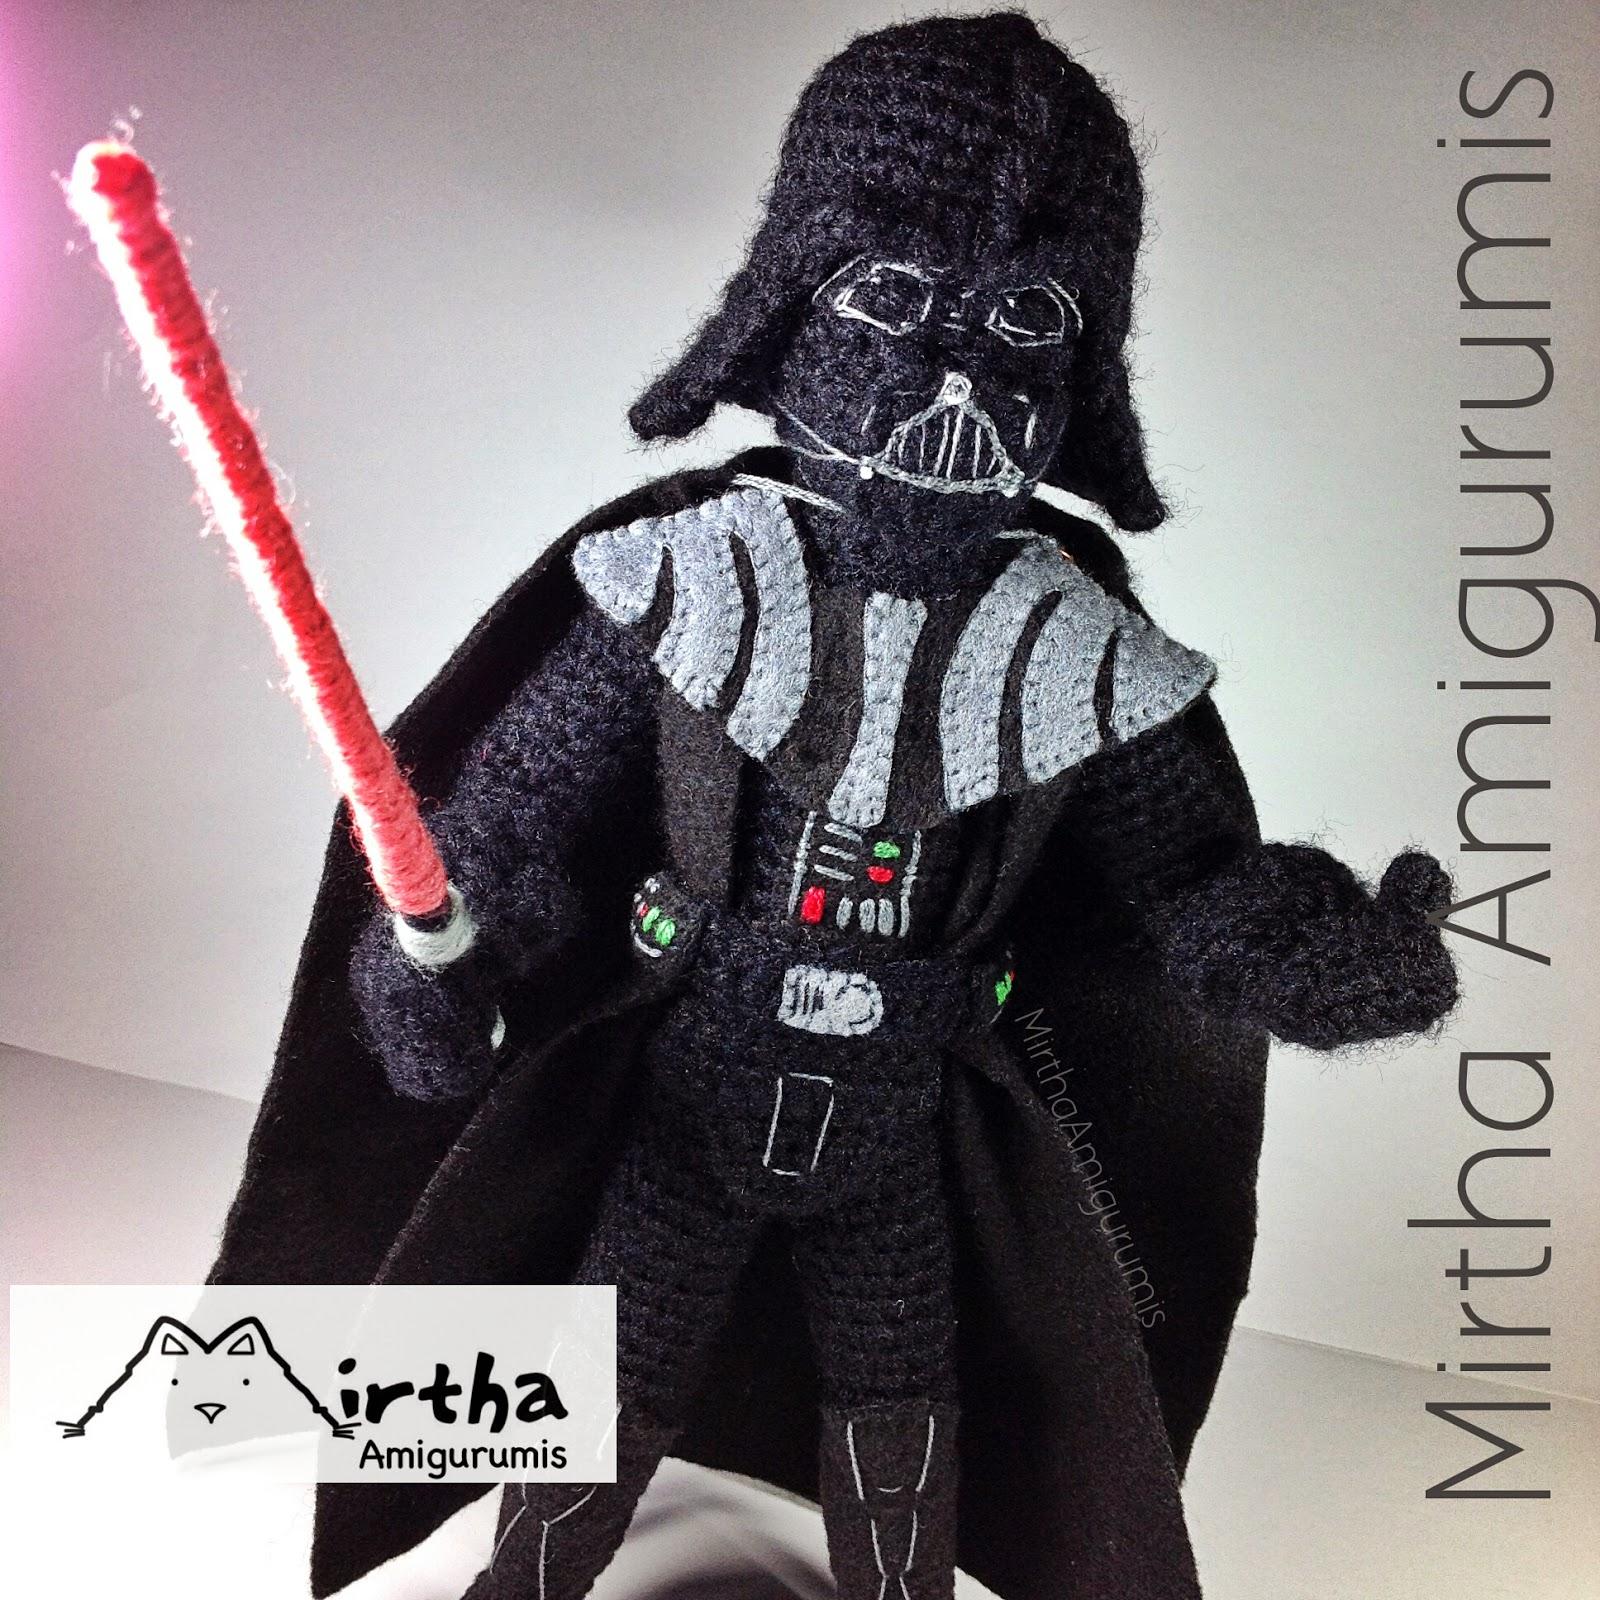 Mirtha Amigurumis: Darth Vader Amigurumi star wars (NOT ...